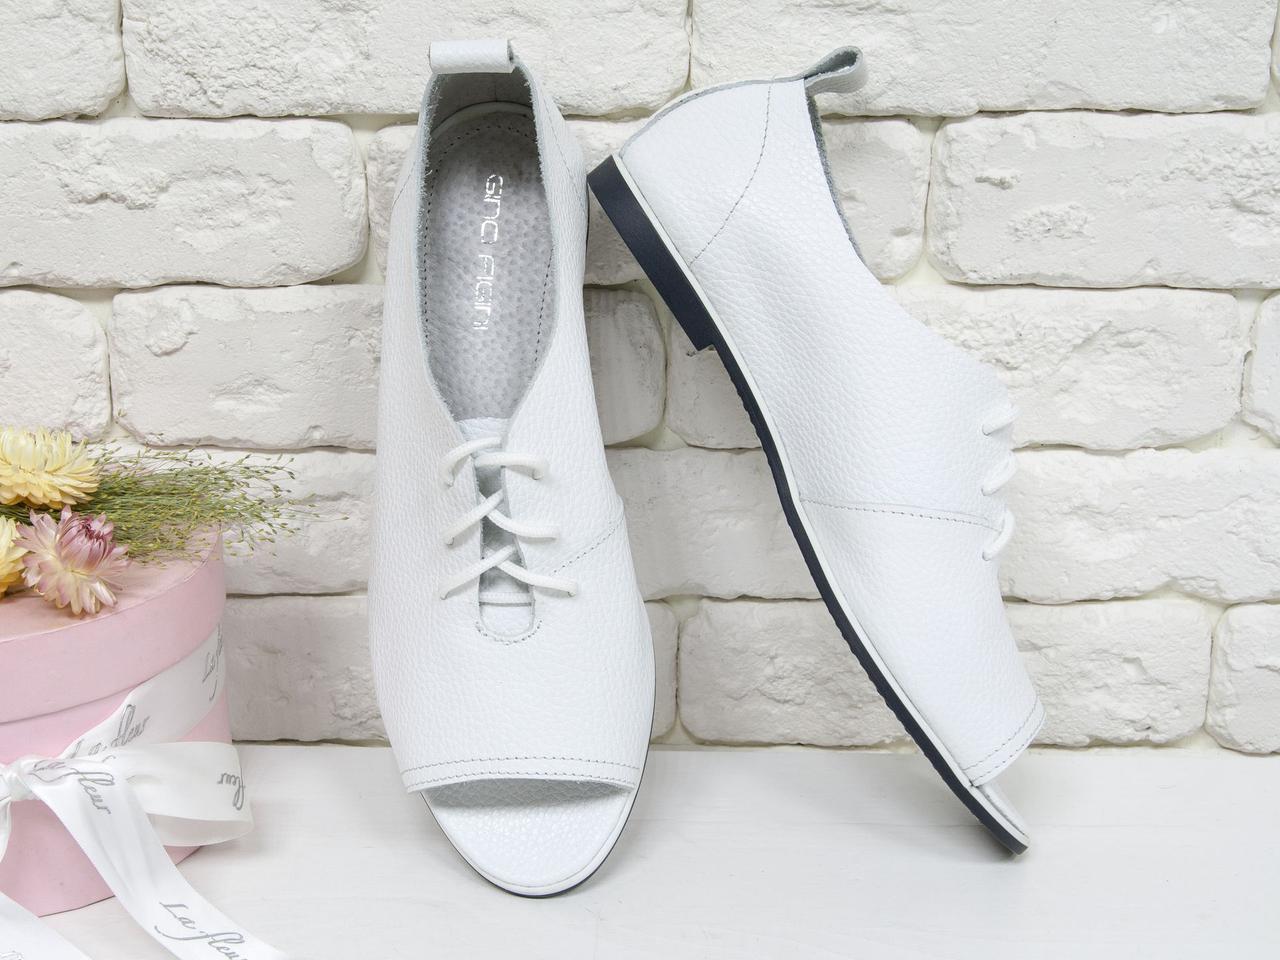 Легкие женские туфли на тонкой черной подошве из натуральной кожи флотар белого цвета.